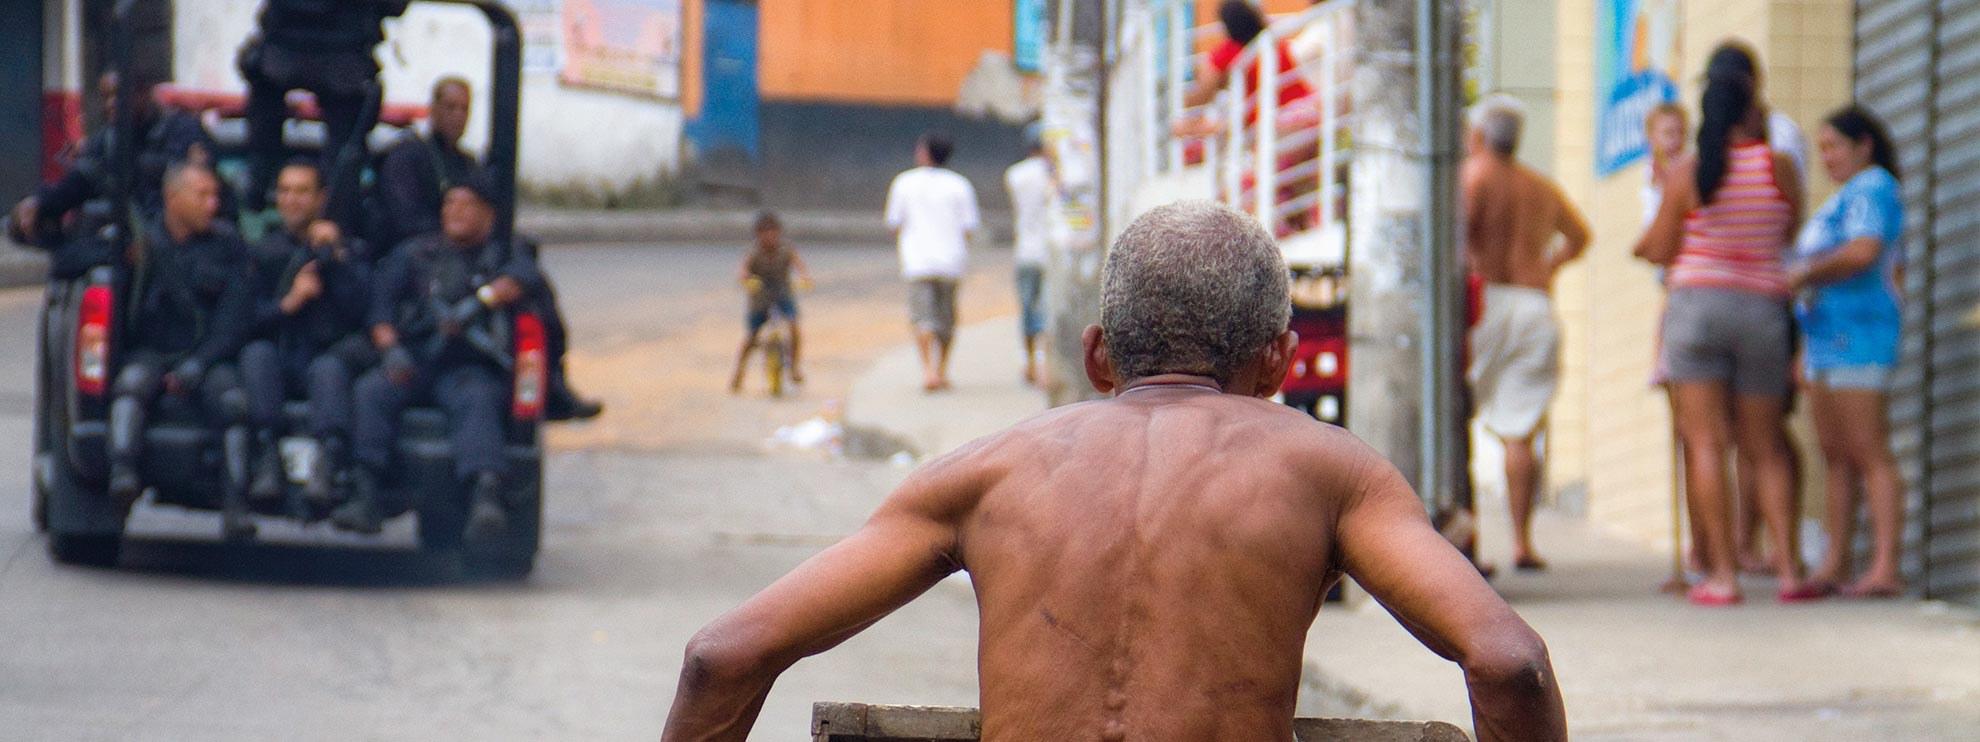 La favela Rocinha, à Rio de Janeiro, Brésil © Luiz Baltar/Amnesty International